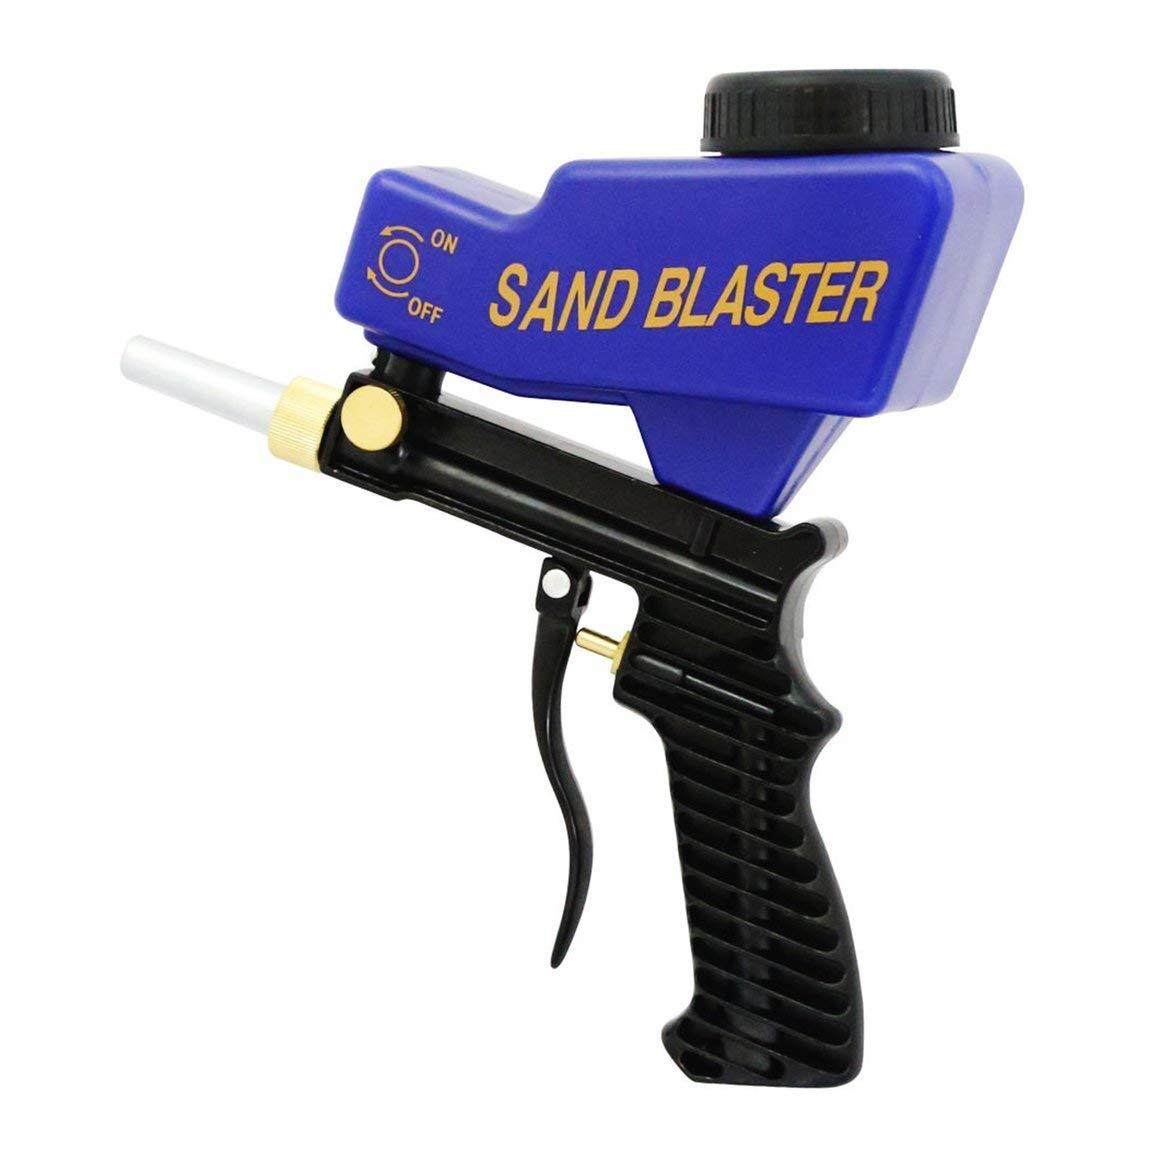 Funnyrunstore Pistolet de sablage alimenté par gravité Air Sandblast Pistolet de pulvérisation de sable portable Speed Blaster pour enlever la rouille Sableuse (Couleur: bleu)